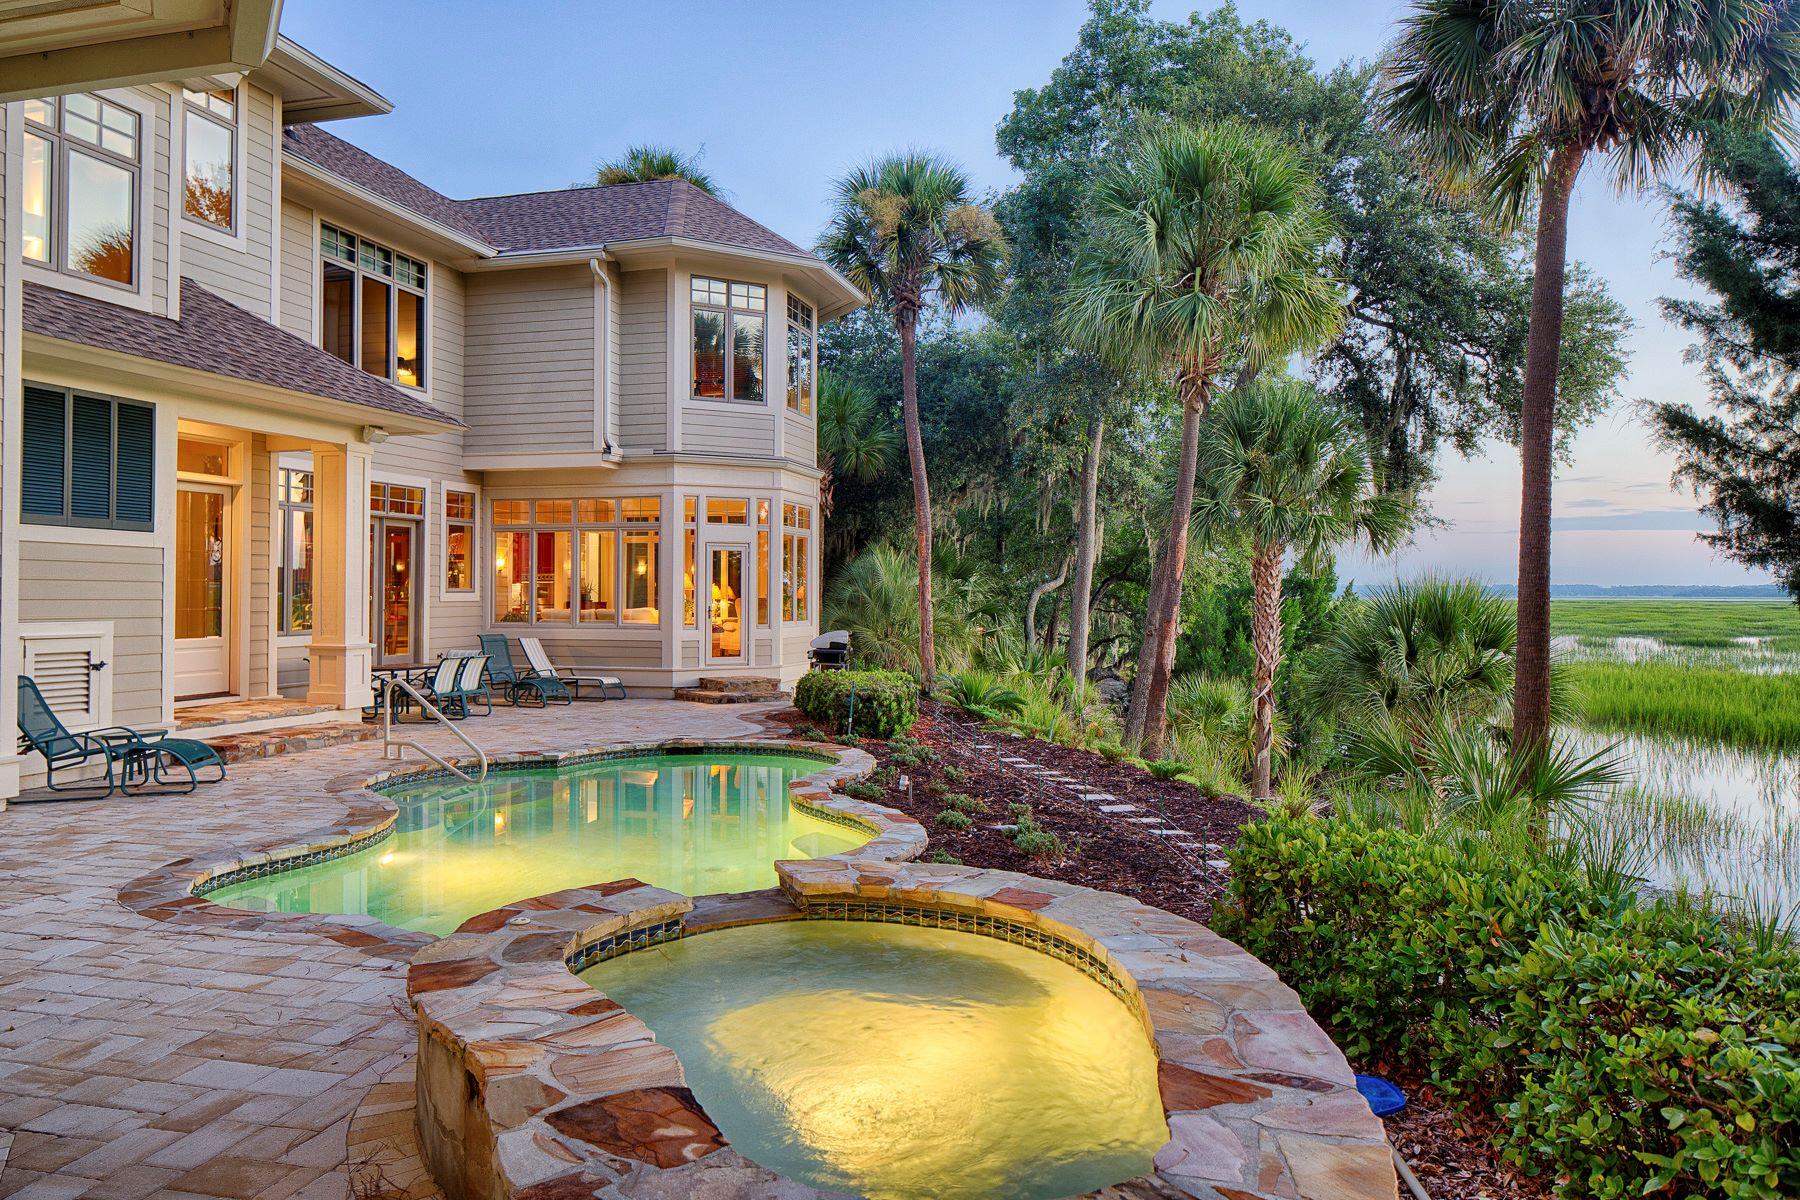 獨棟家庭住宅 為 出售 在 52 Richland Drive Belfair, Bluffton, 南卡羅來納州, 29910 美國